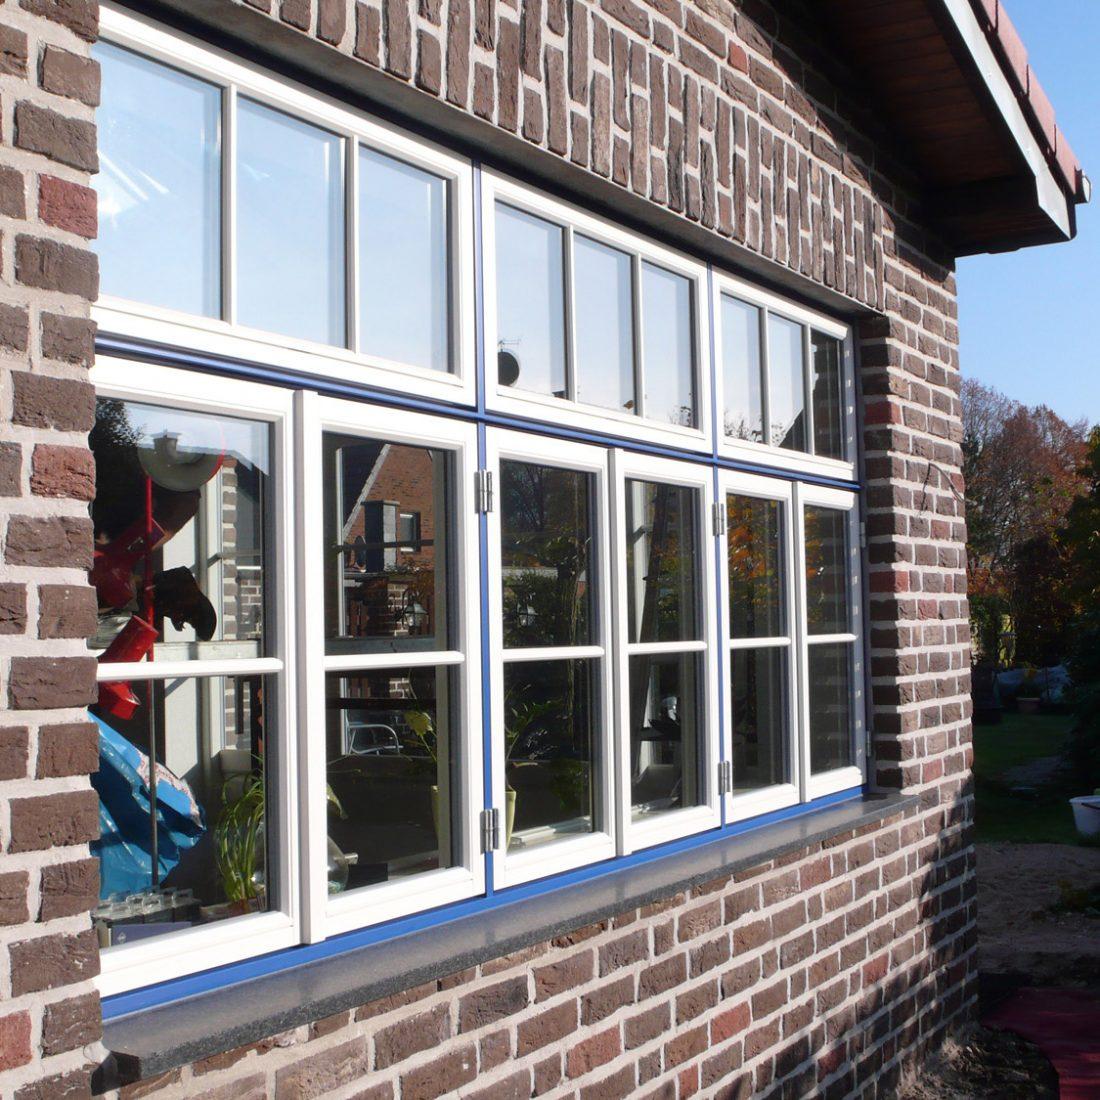 Full Size of Dnische Fenster Traditionelle Tren Mit Eingebauten Rolladen Folie Für Bauhaus Sicherheitsfolie Holz Alu Standardmaße Stores Aluplast Rollos Ohne Bohren Velux Fenster Dänische Fenster